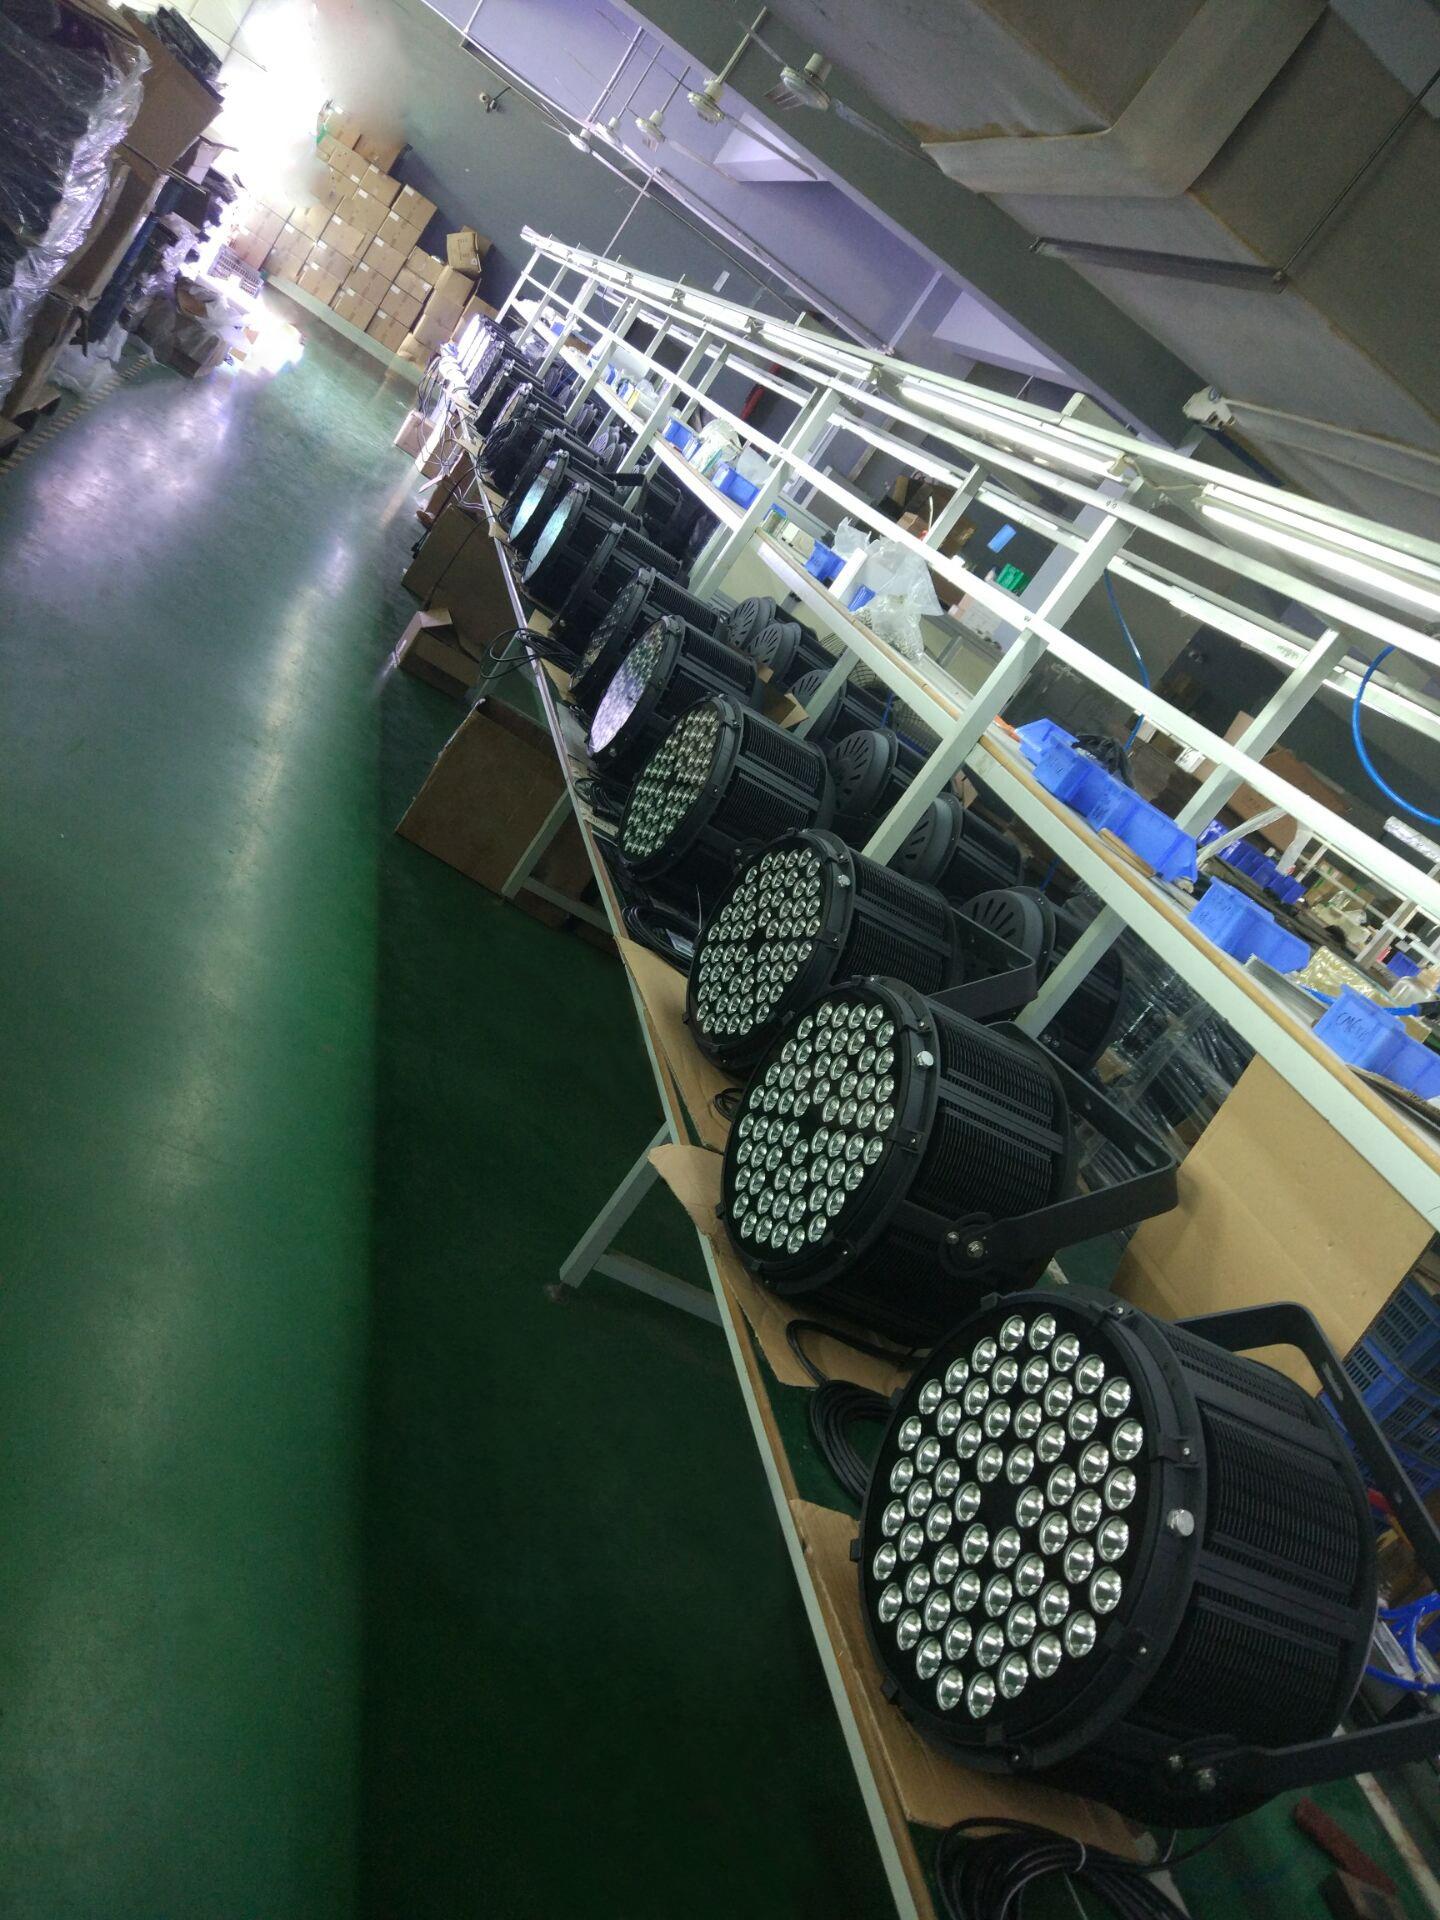 Amazonas 500watt 공장 사진 - 3